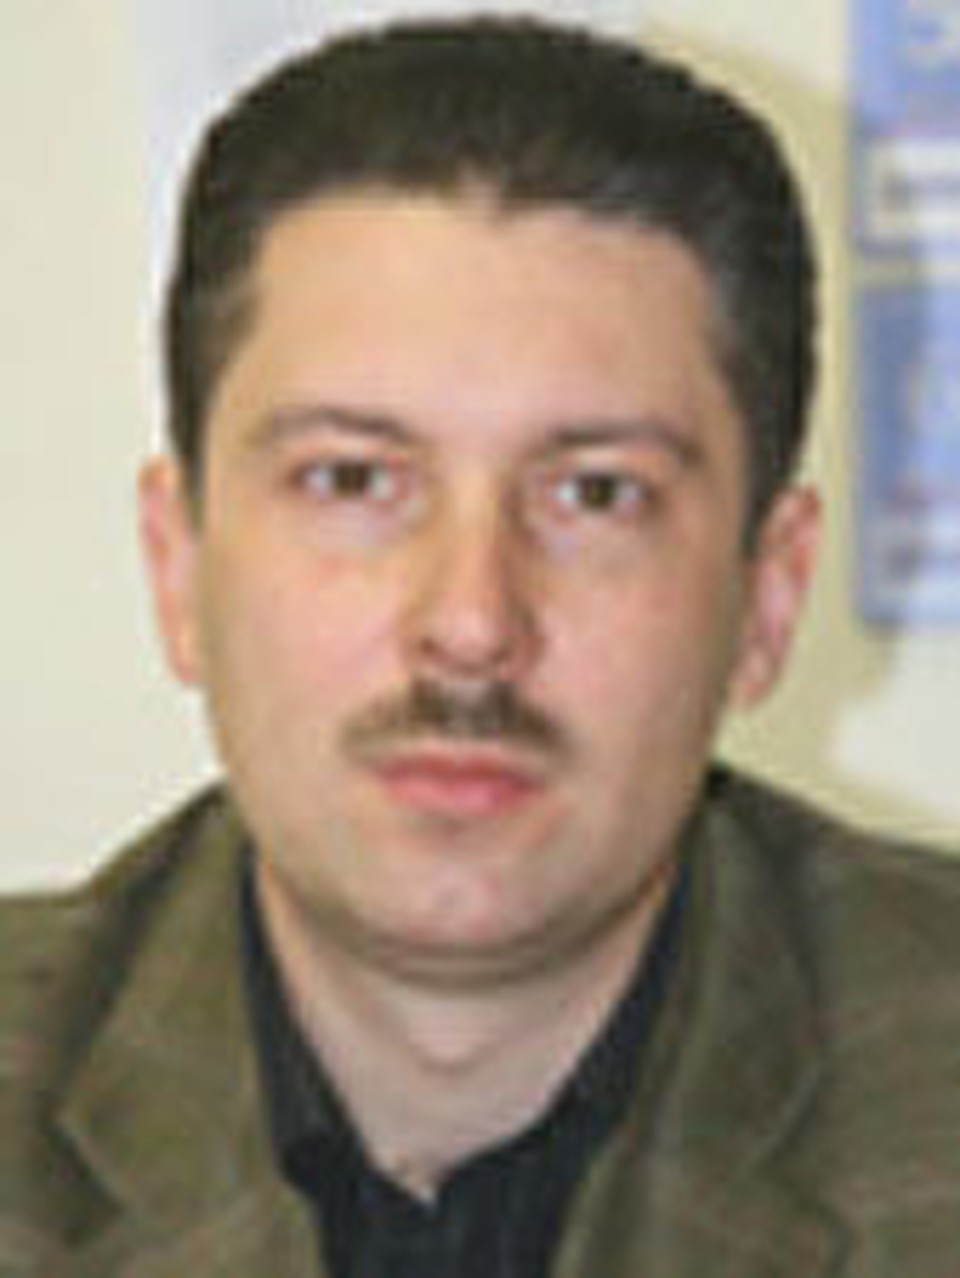 Сергей Хомич в эксклюзивном комментарии для «Комсомолки» пояснил позицию телеканала ОНТ